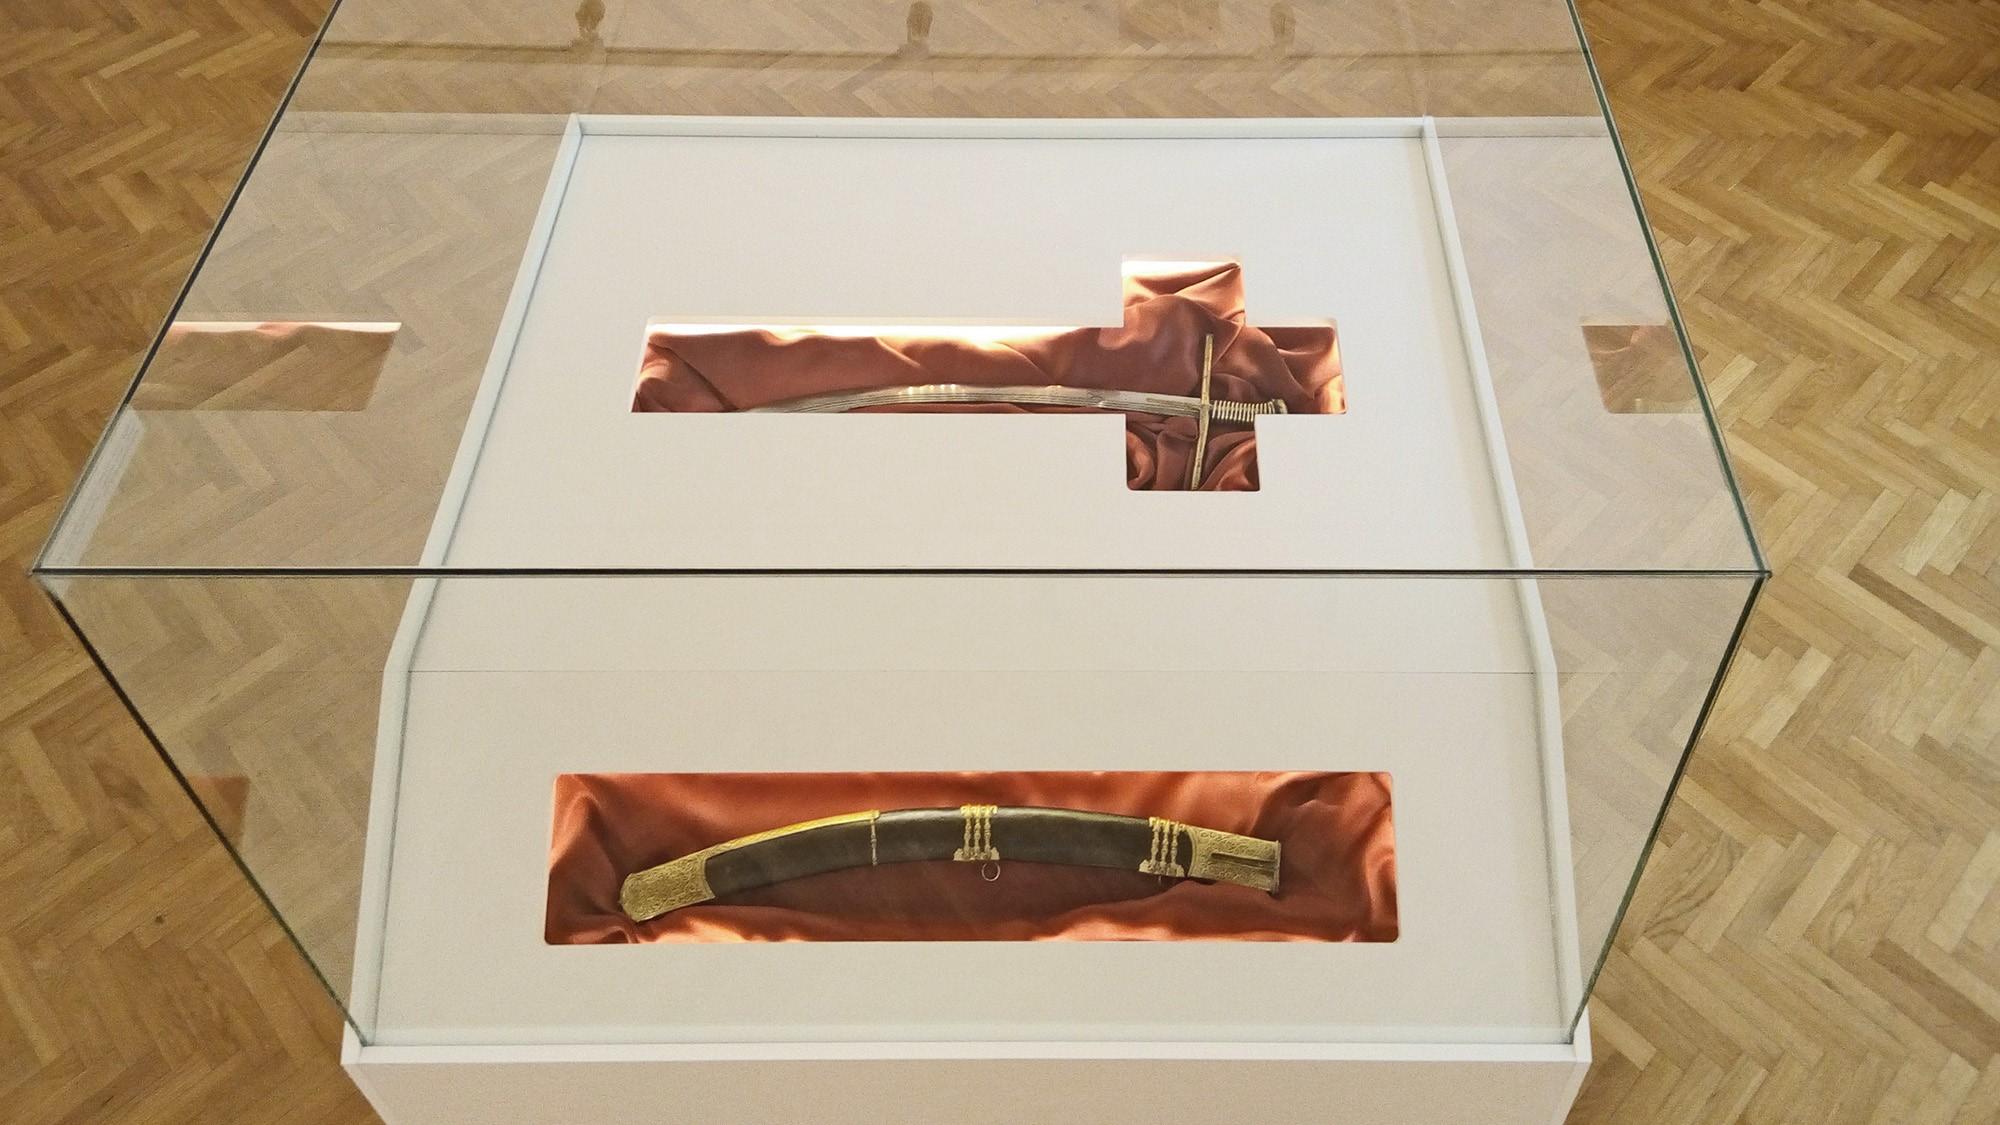 Egyedi tároló Zrínyi kardjához